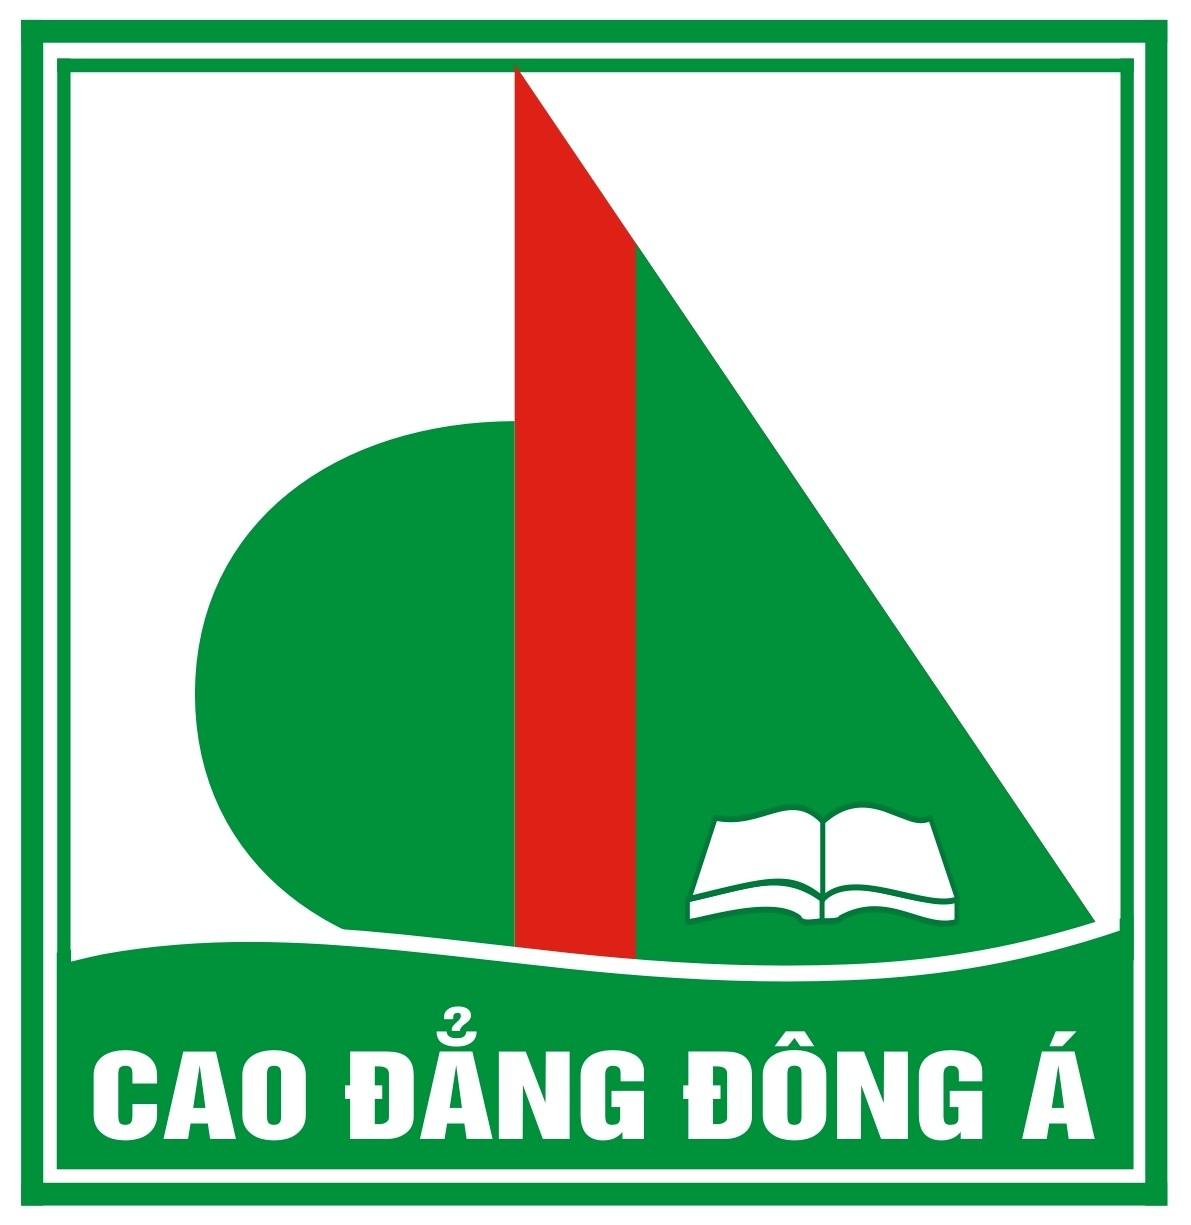 Thông Tin Tuyển Sinh Trường Cao Đẳng Công Kỹ Nghệ Đông Á 2021